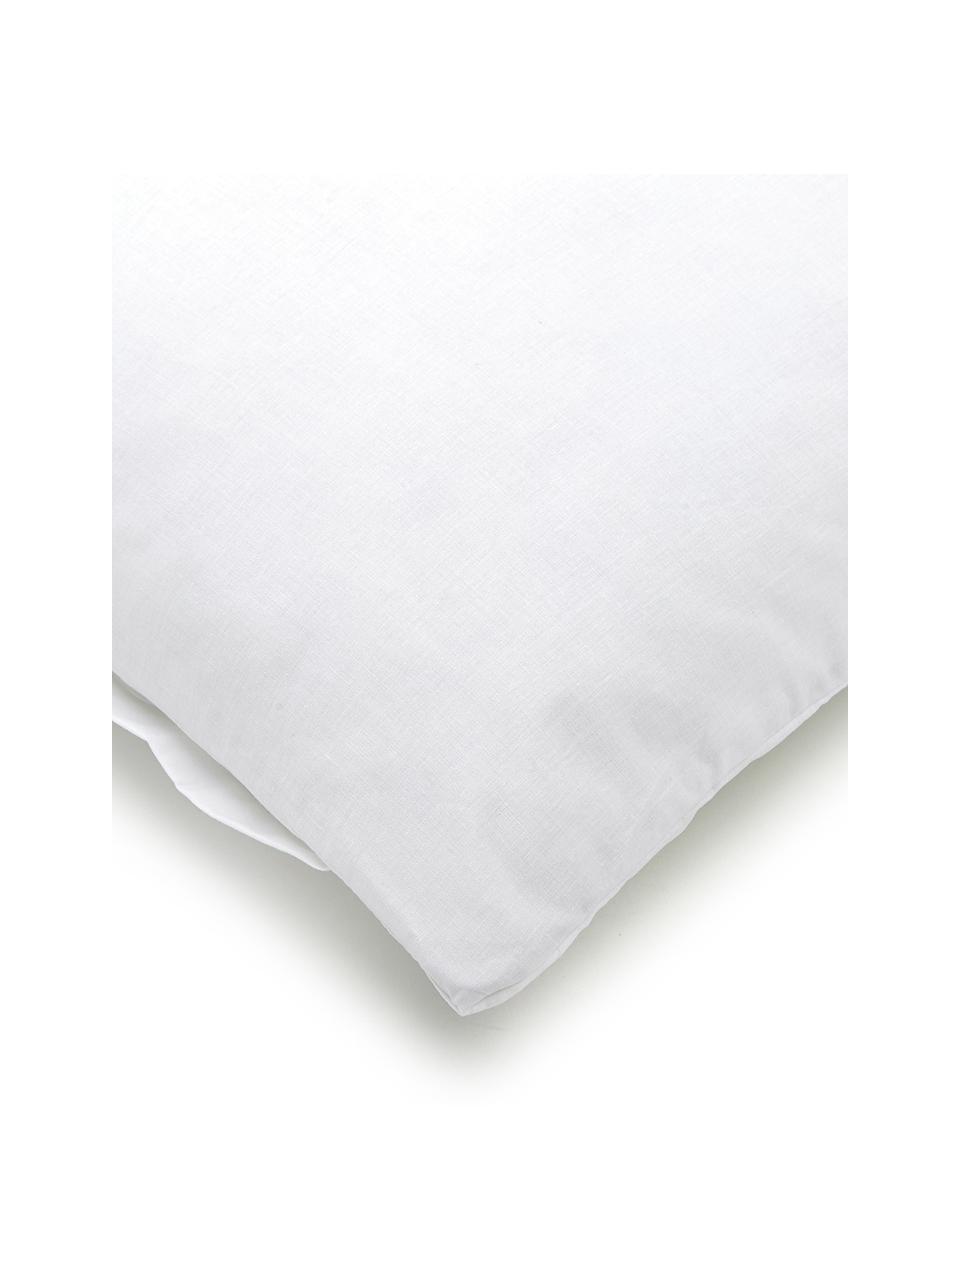 Baumwoll-Bettwäsche Weekend in Weiß, 100% Baumwolle  Fadendichte 145 TC, Standard Qualität  Bettwäsche aus Baumwolle fühlt sich auf der Haut angenehm weich an, nimmt Feuchtigkeit gut auf und eignet sich für Allergiker., Weiß, 135 x 200 cm + 1 Kissen 80 x 80 cm